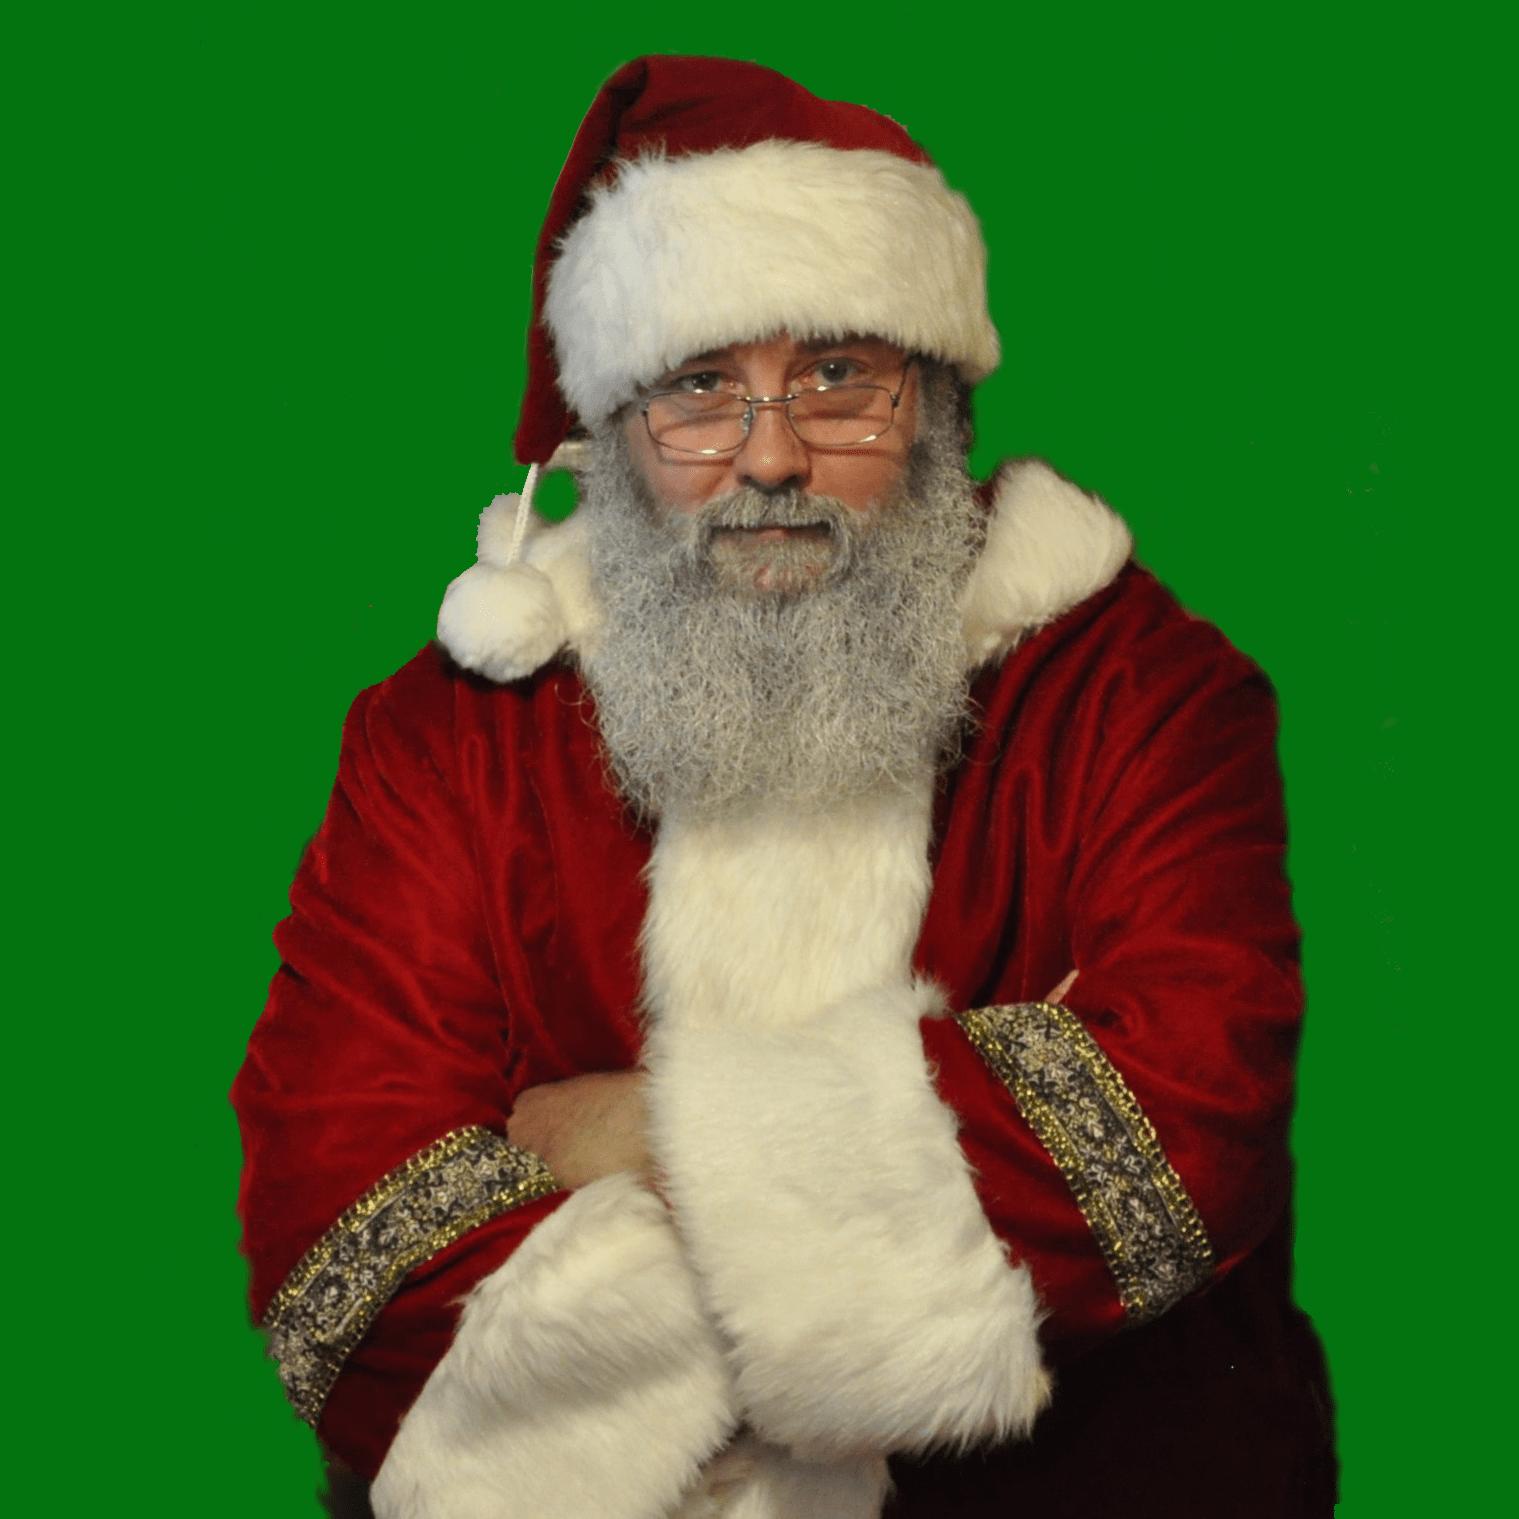 Santa Photo Ops